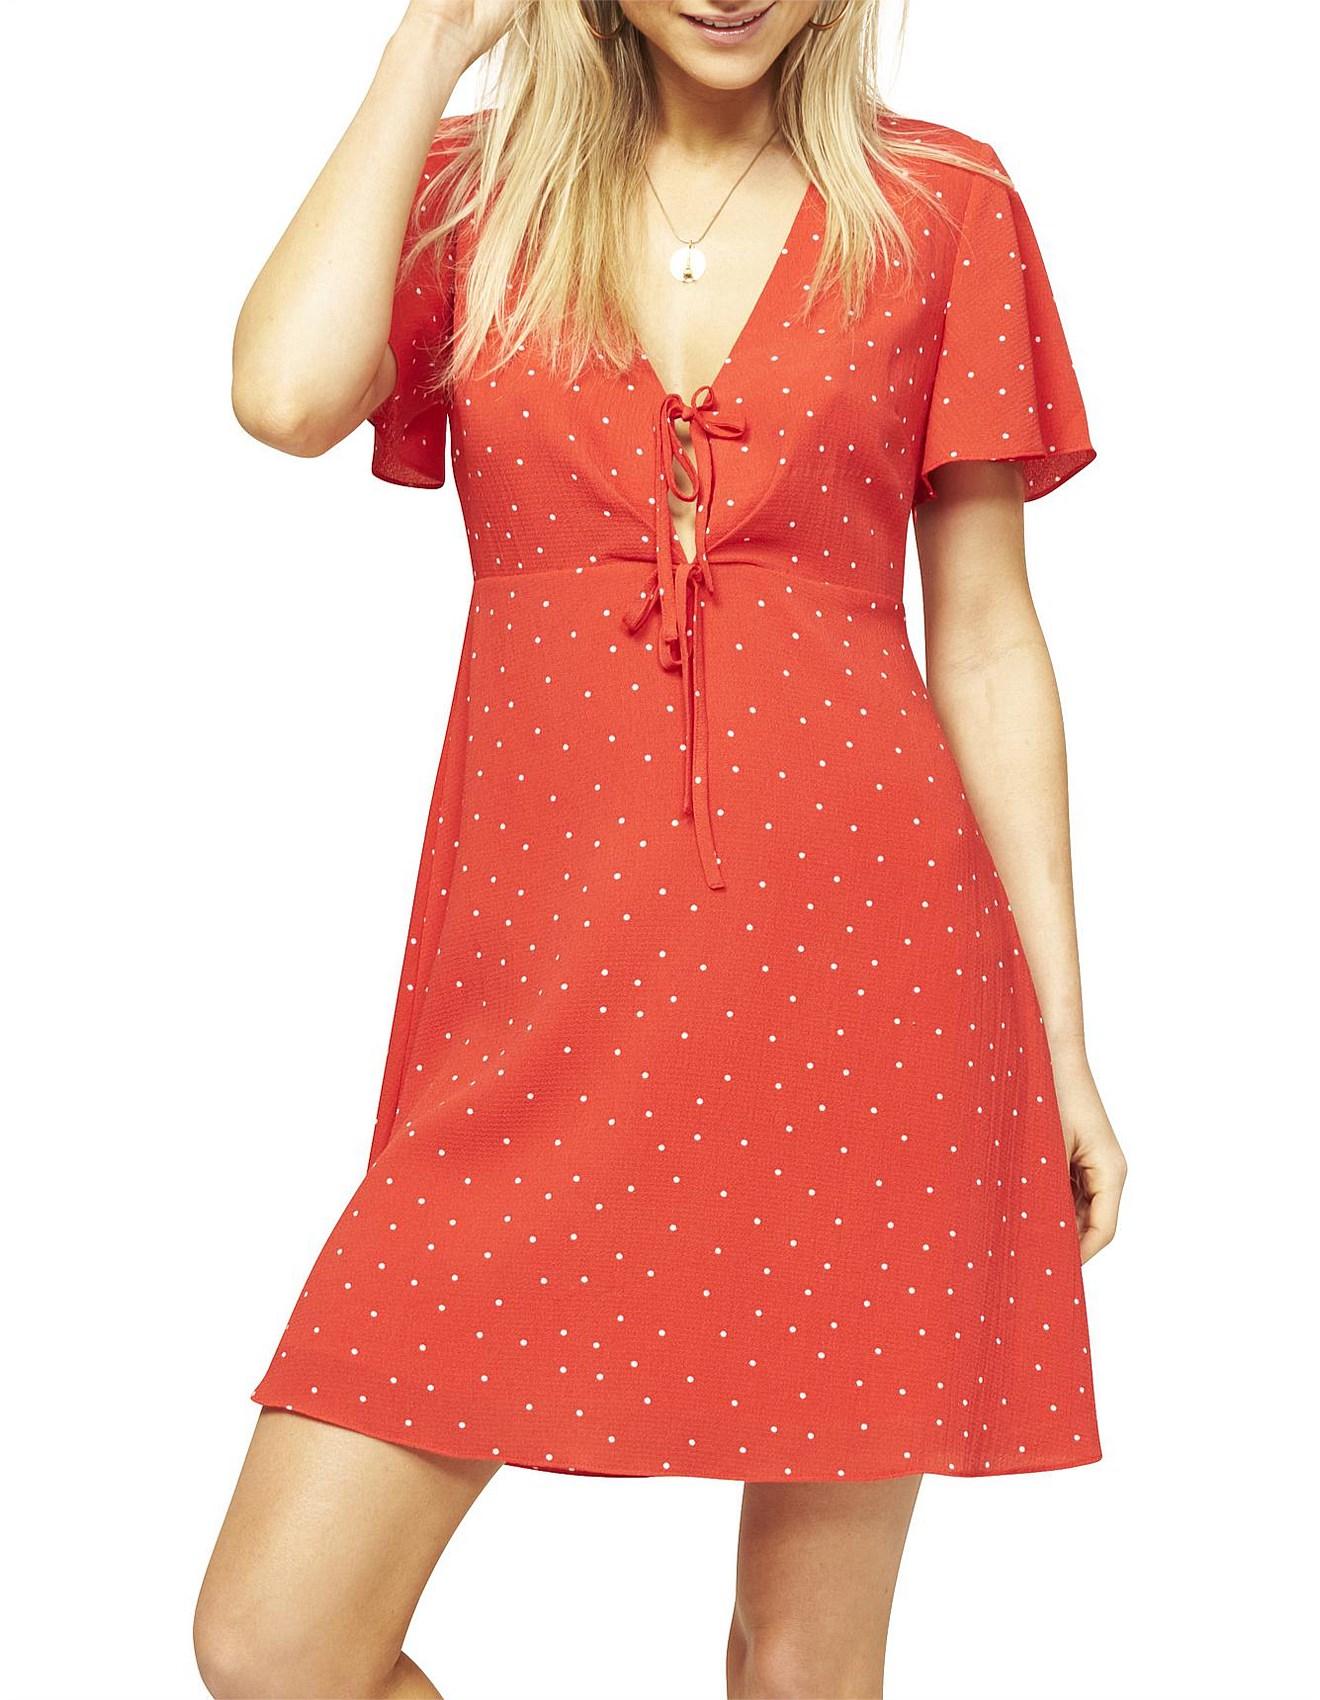 Dress Sale   Buy Women's Dresses Online   David Jones - Oh ...